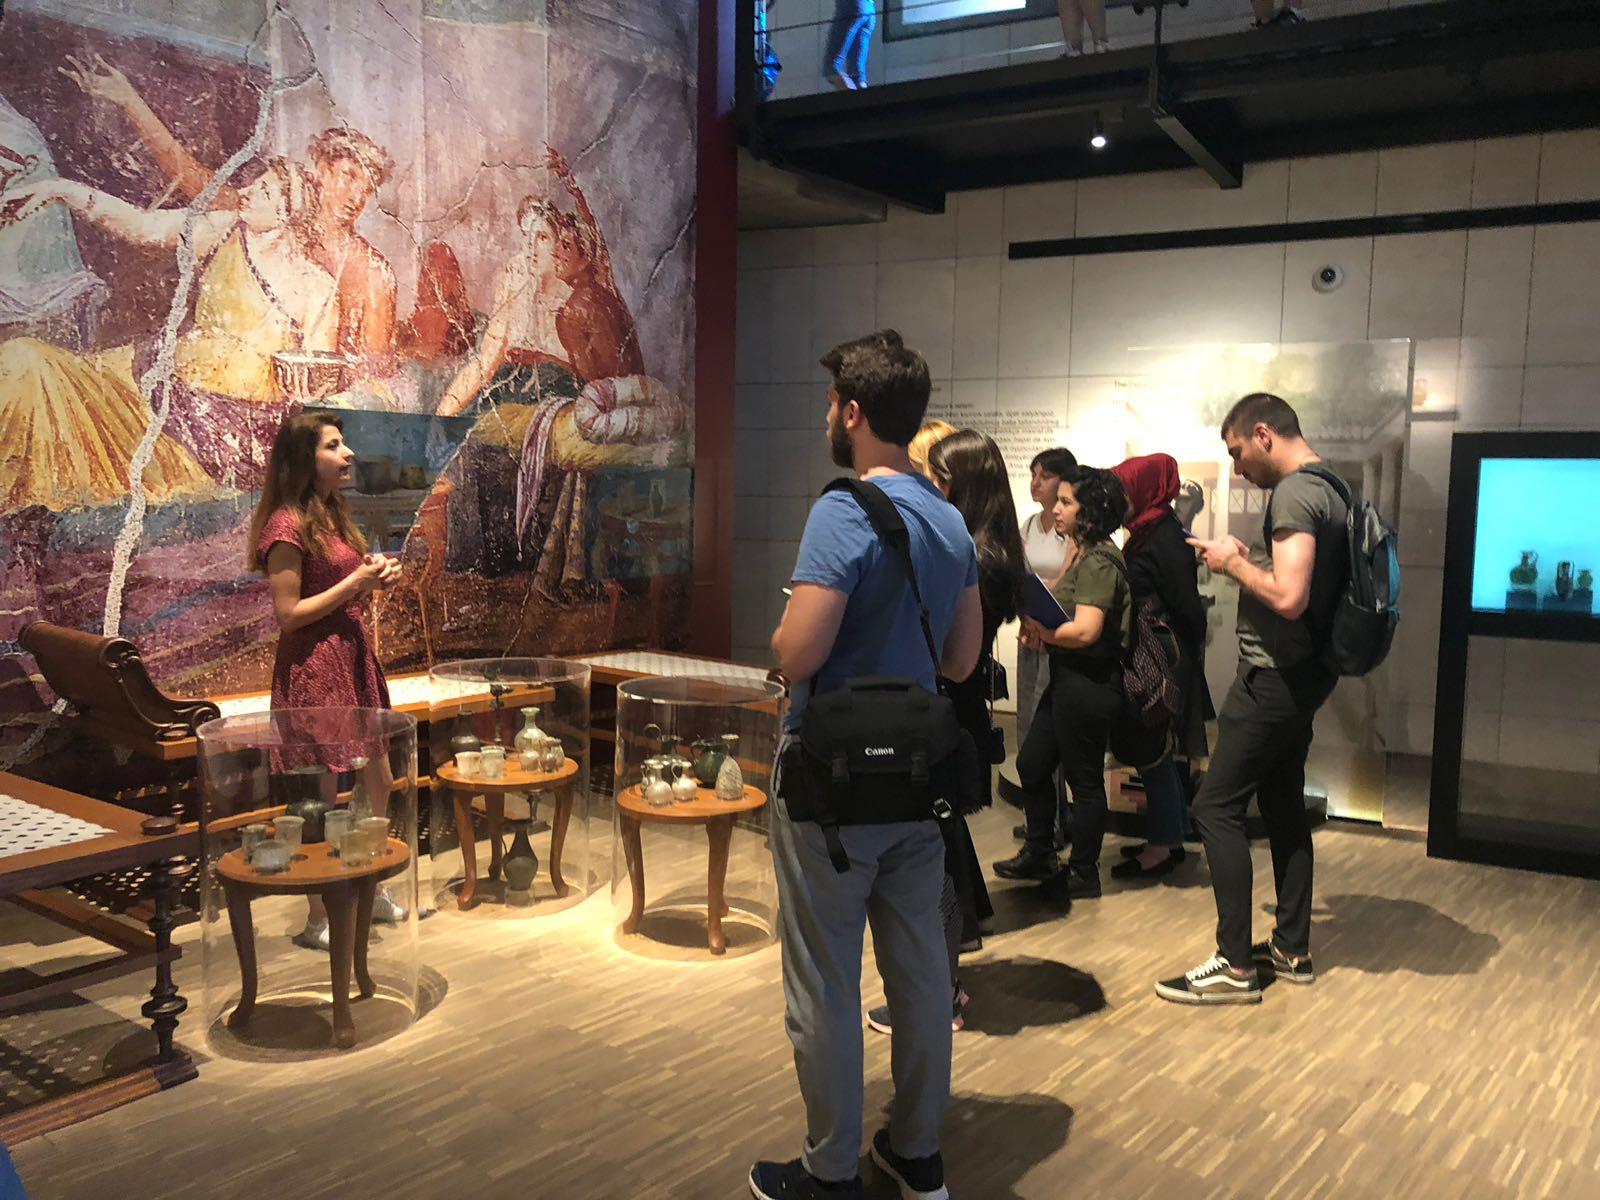 Erimtan müzesi tanıtımı